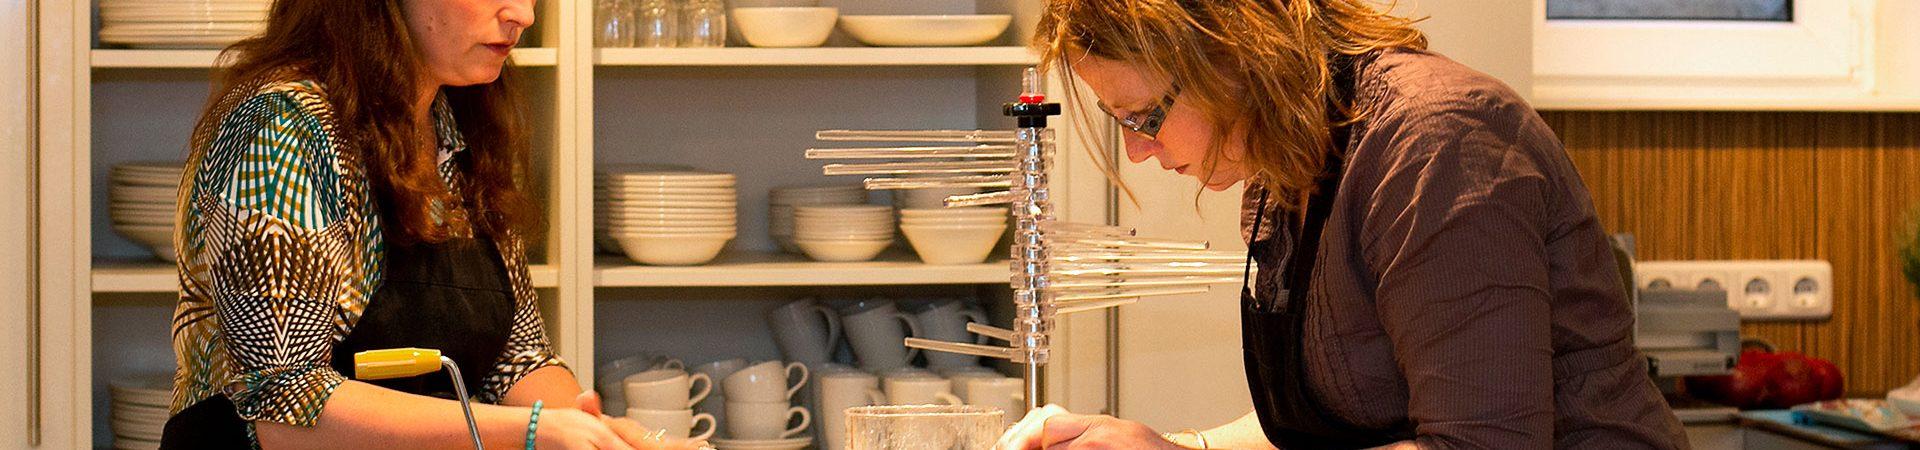 Gezellige kookworkshop voor fijnproevers